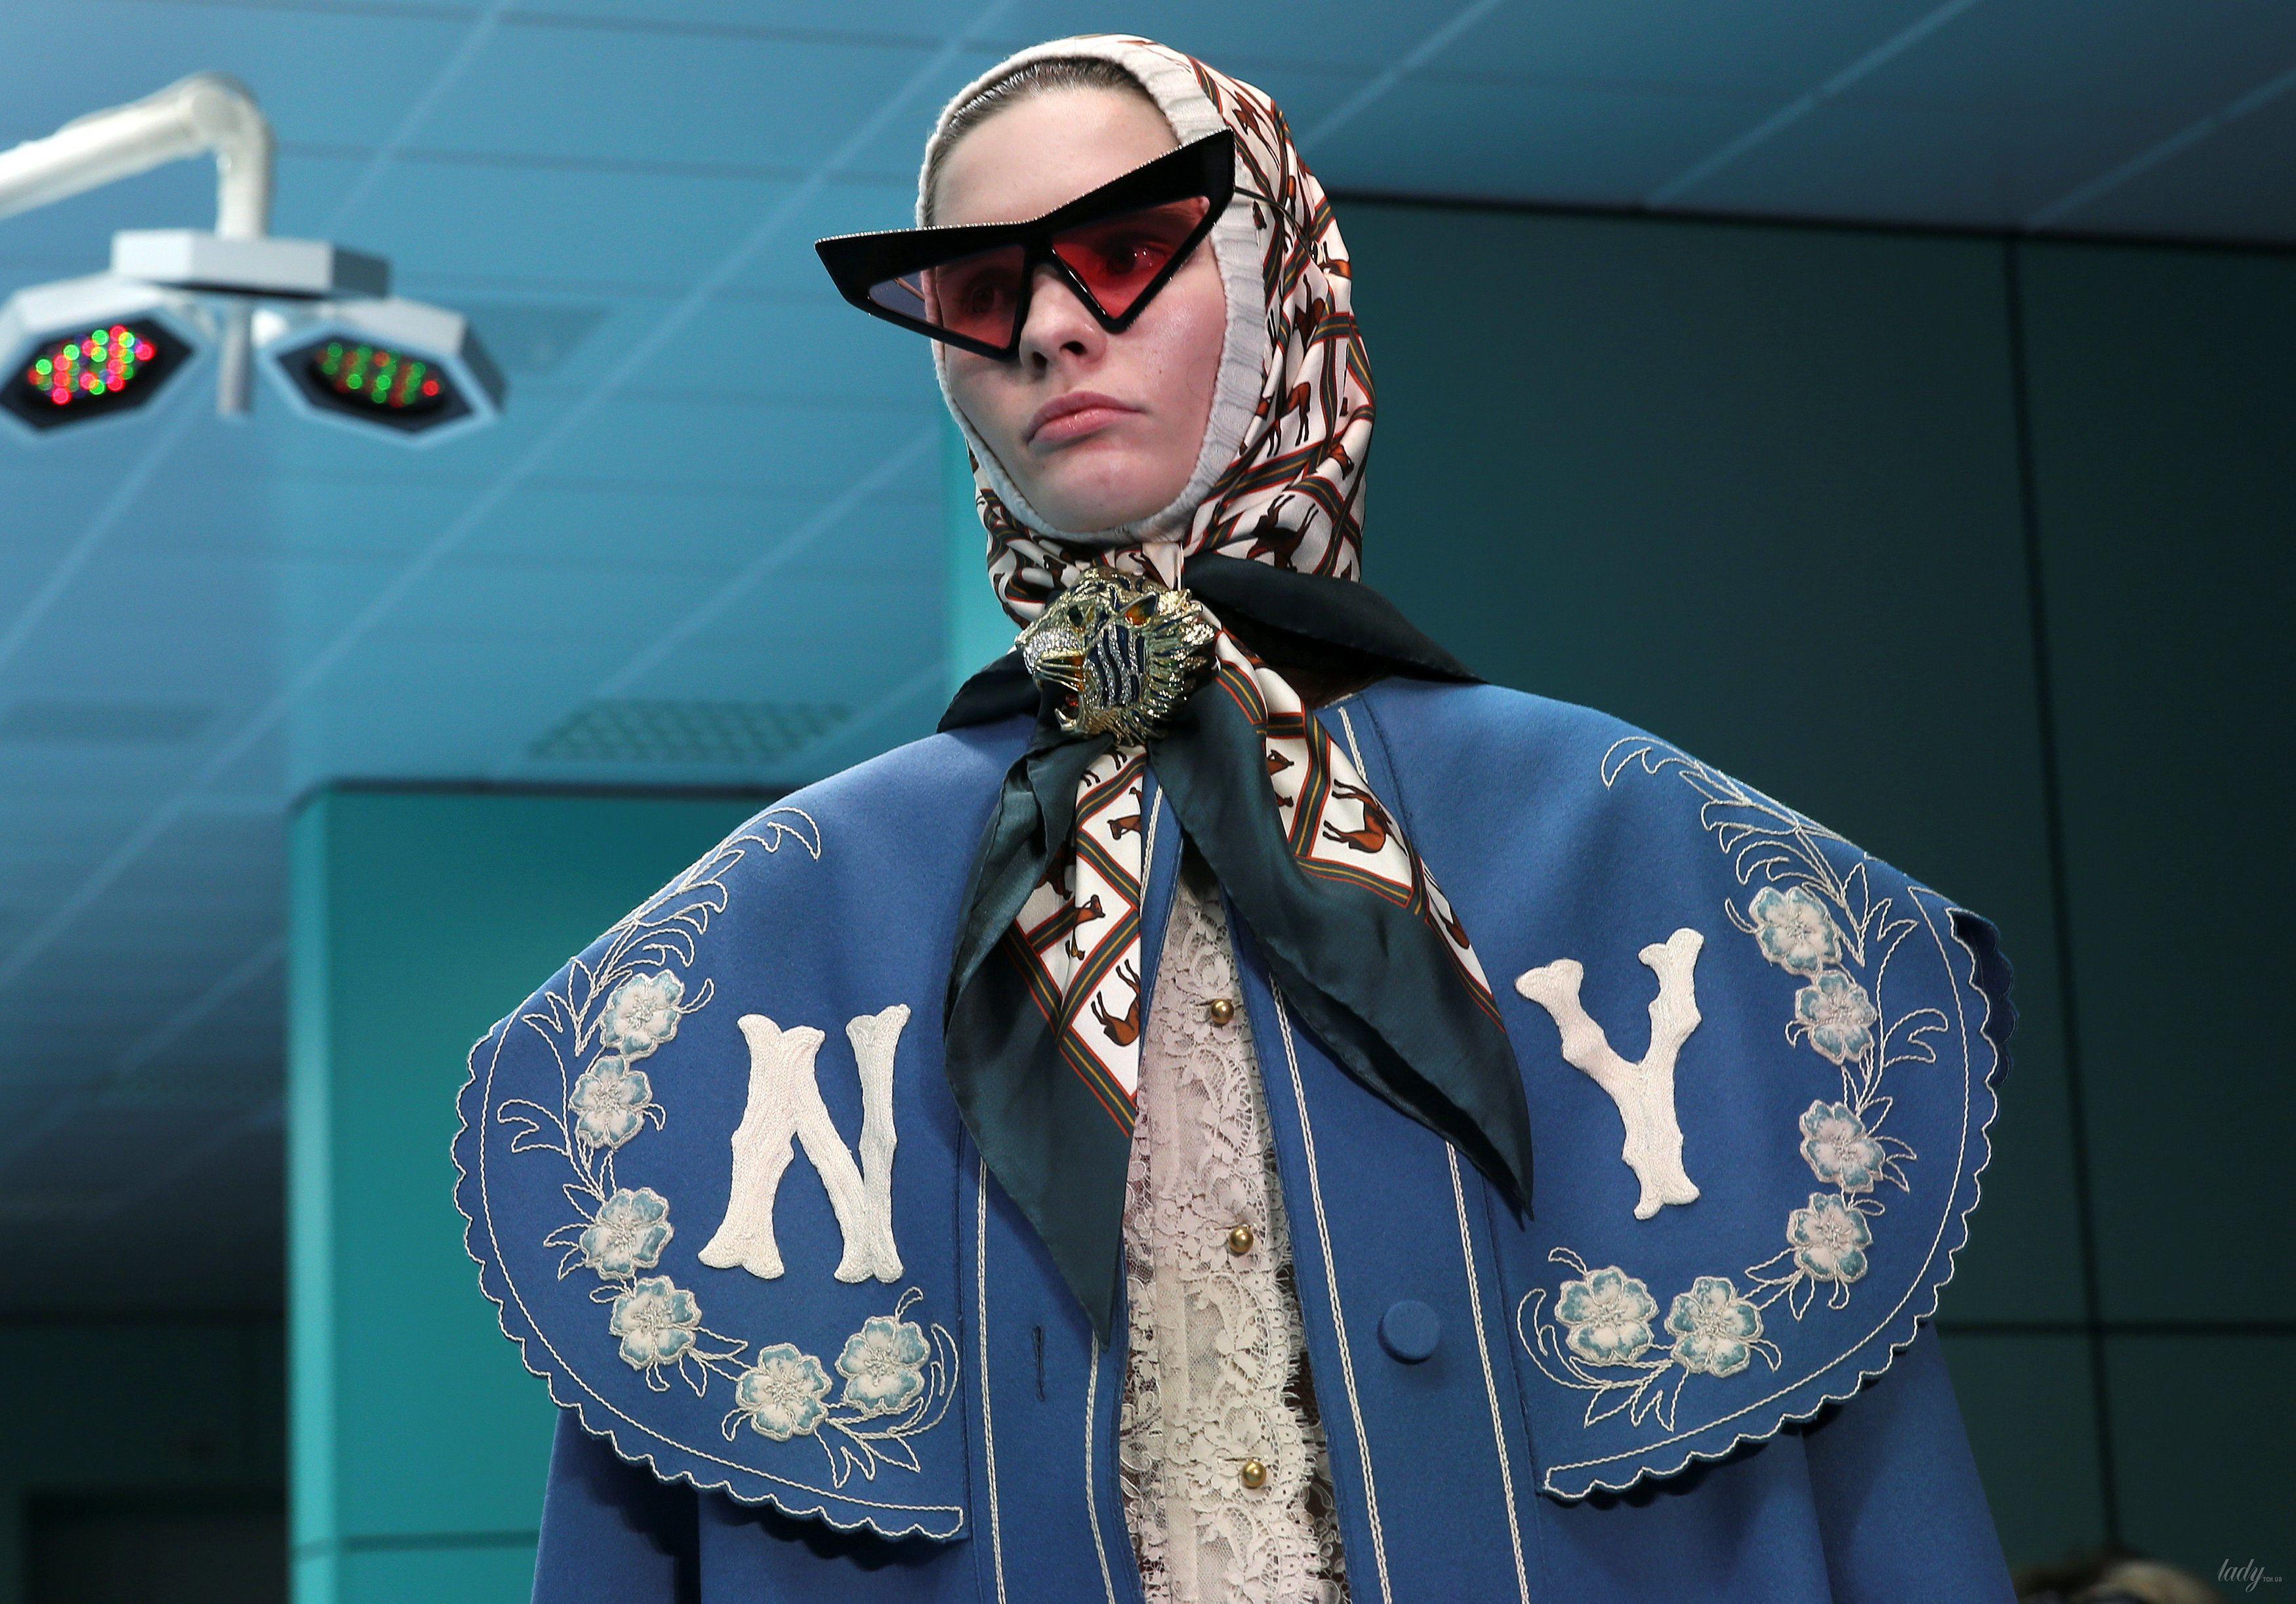 Показ коллекции бренда Gucci в Милане_16